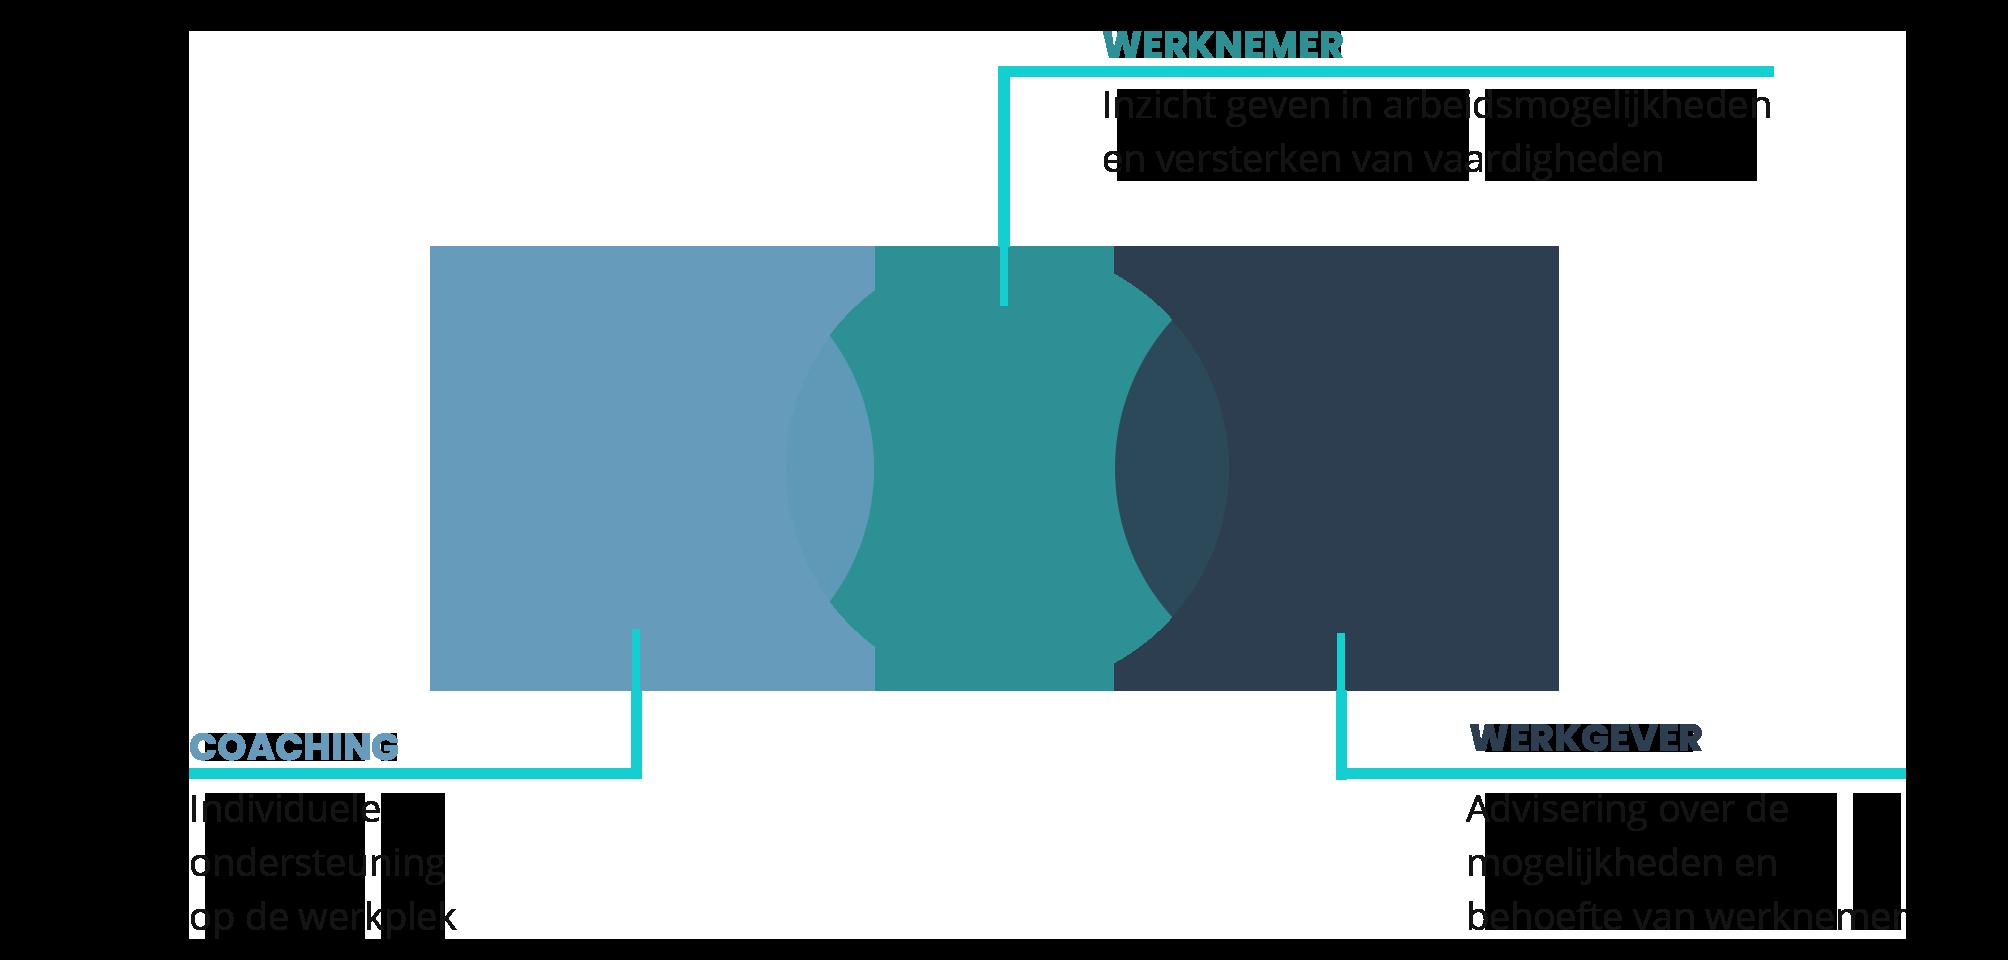 Schematisch weergave traject Jobcoaching. met 3 bollen overloppend Coaching - Werknemer - Werkgever